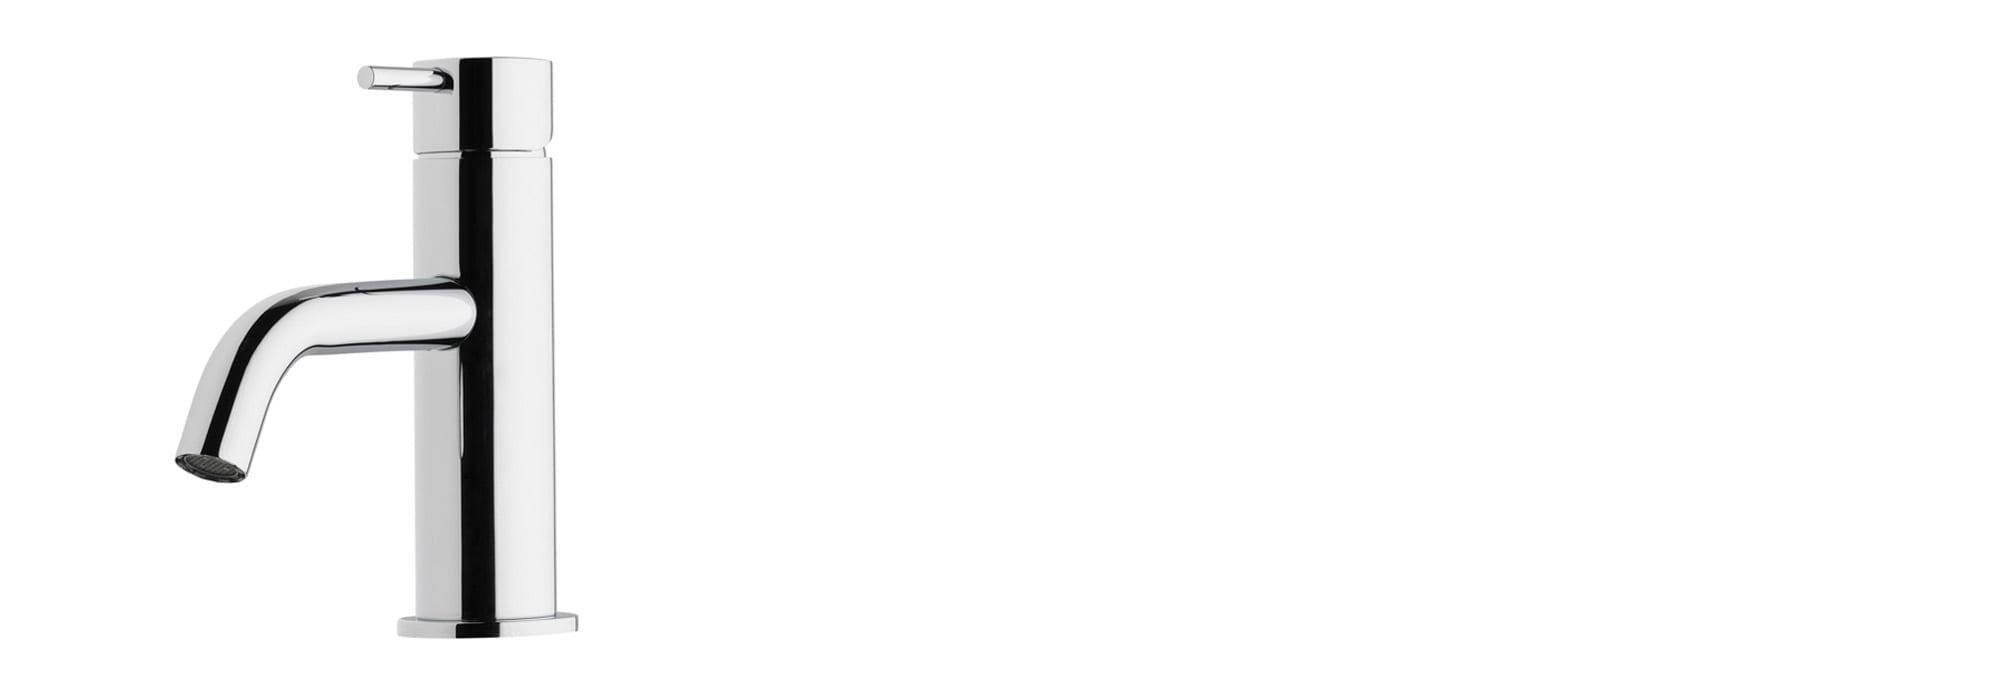 ברז פרח נמוך לכיור רחצה – T1.10.01.SV by Milstone